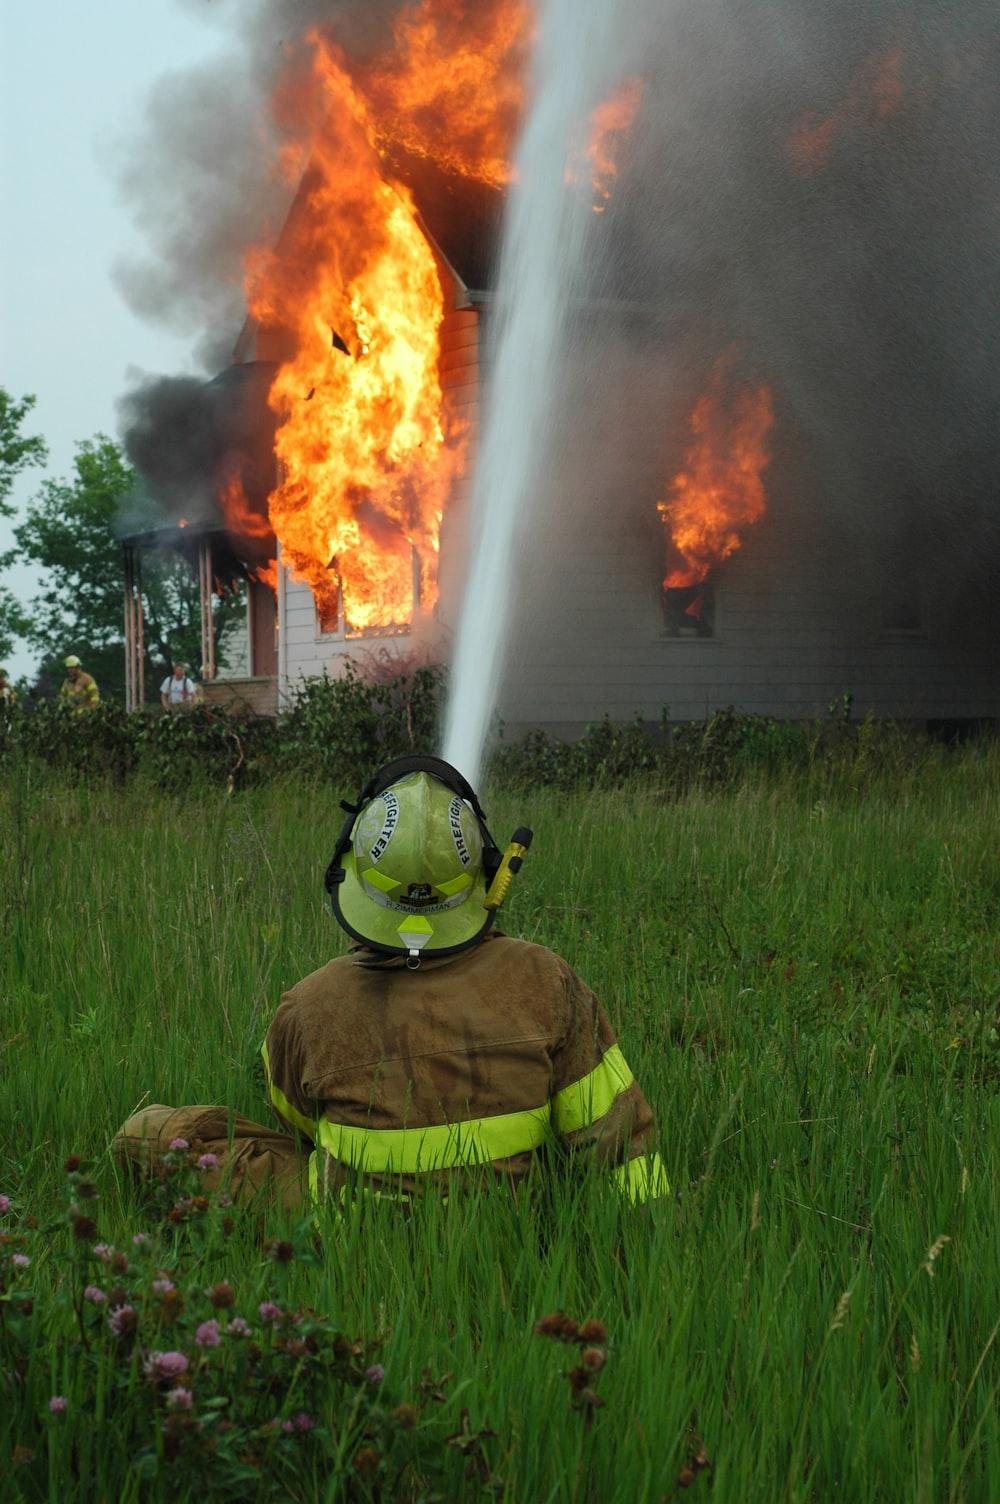 dryer vent house fire in Massachusetts